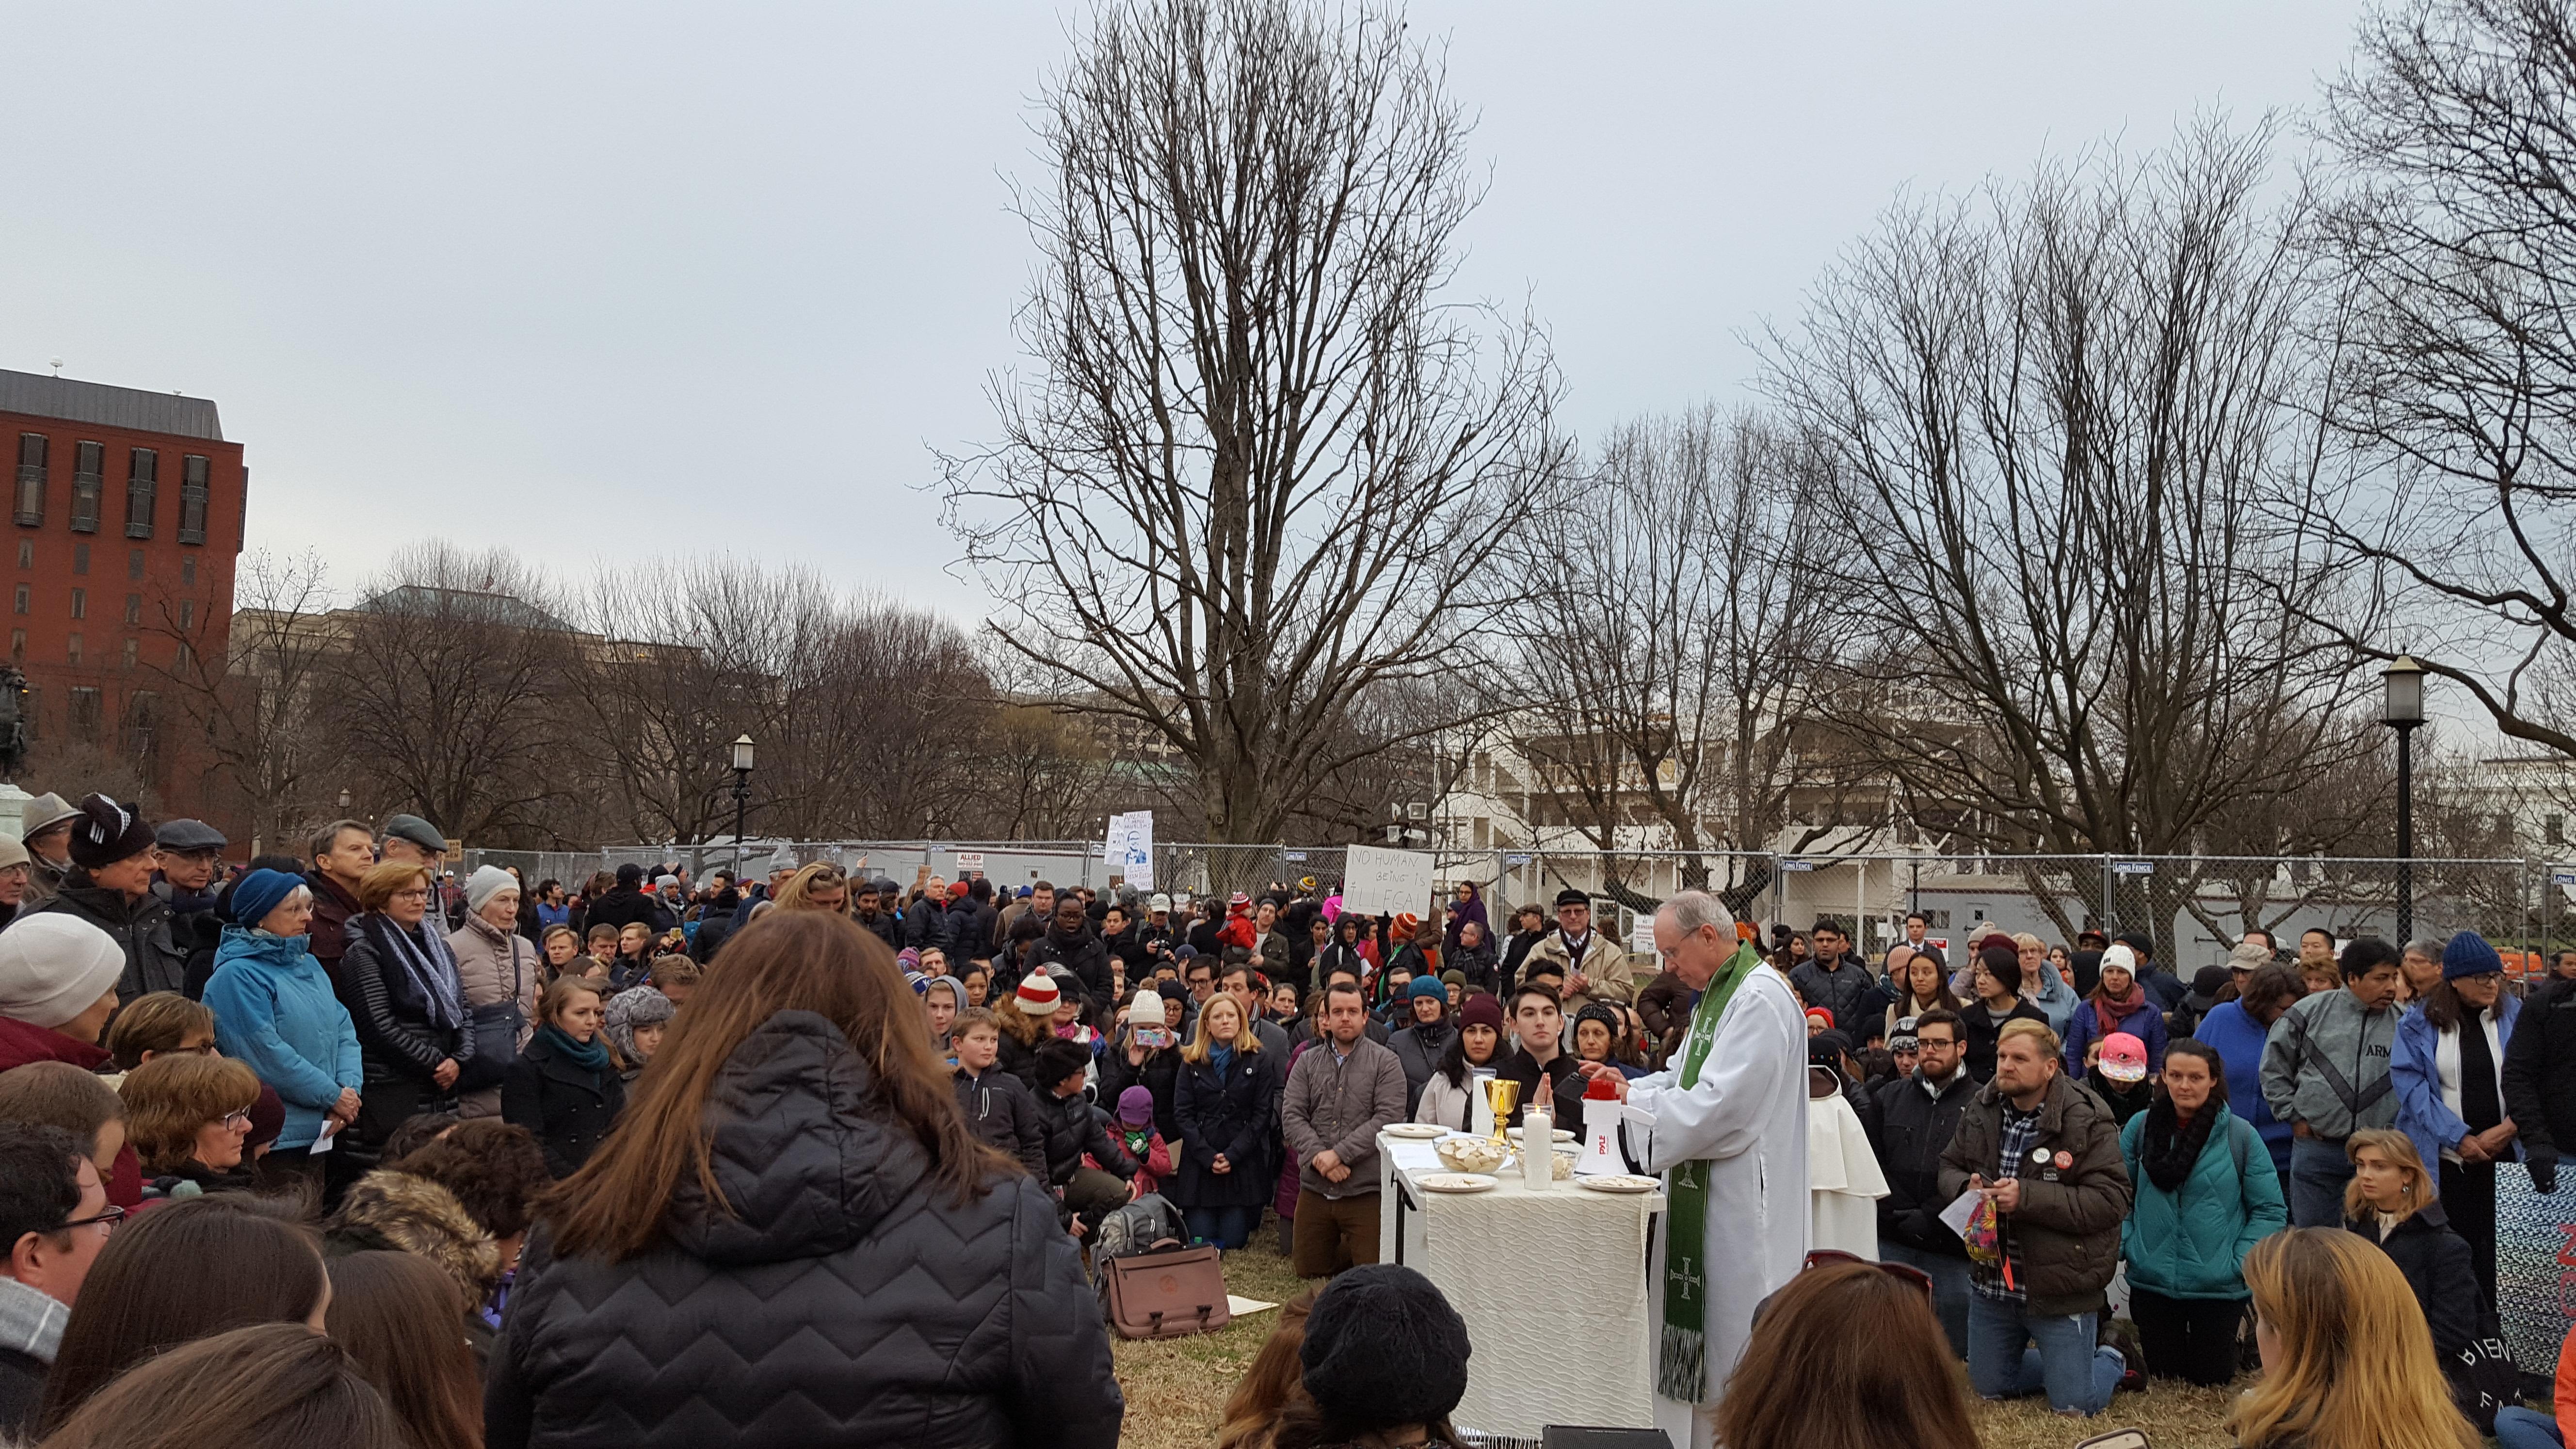 Mass in Washington, D.C.